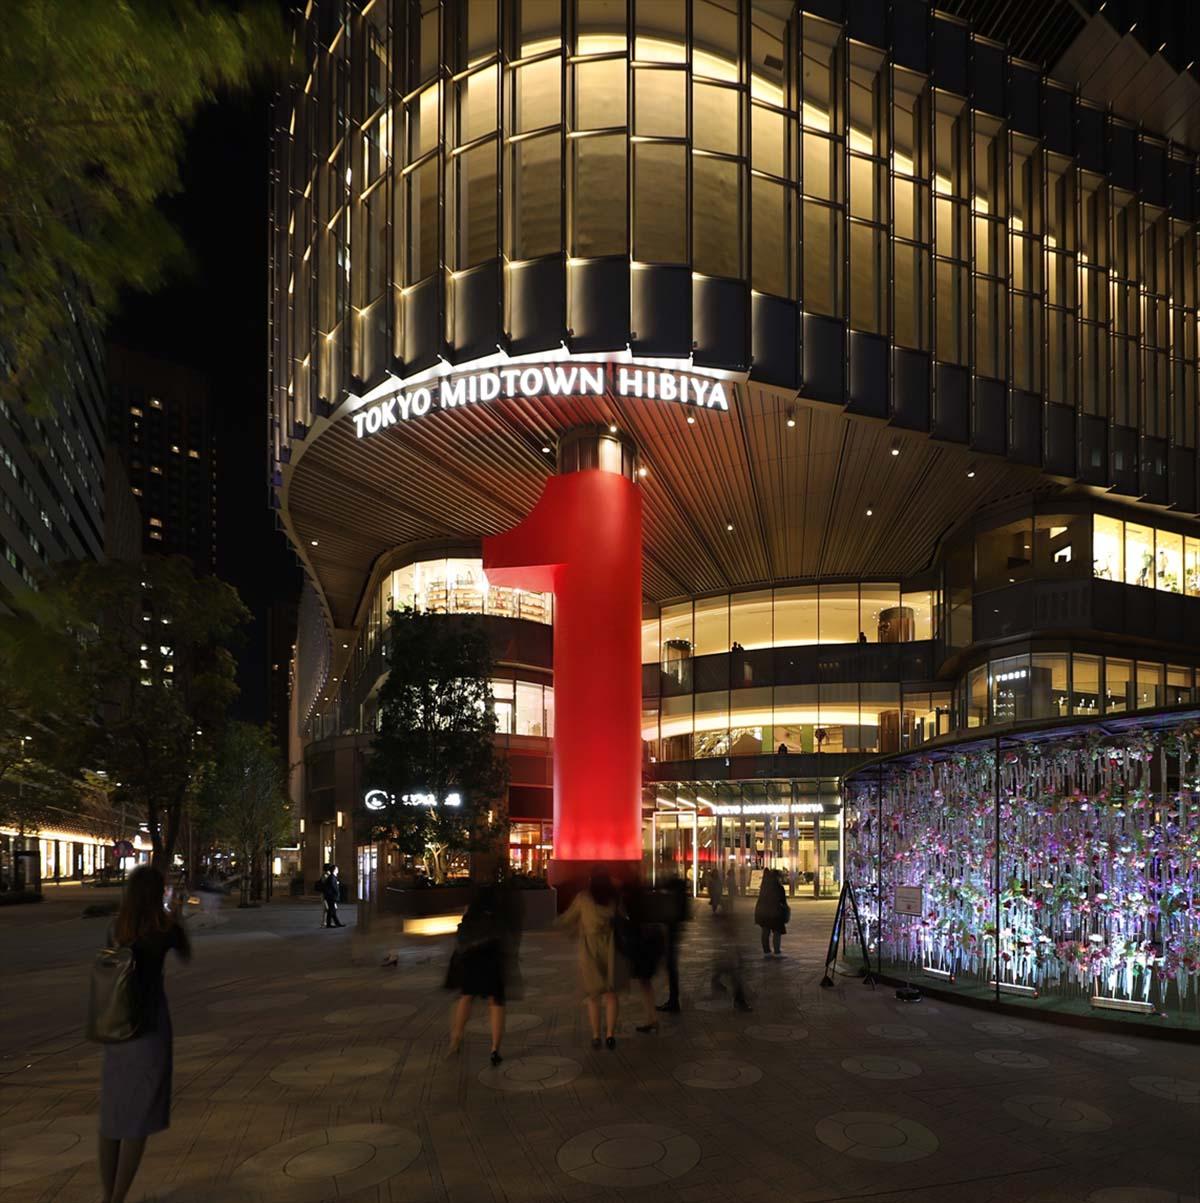 東京ミッドタウン日比谷1周年記念装飾